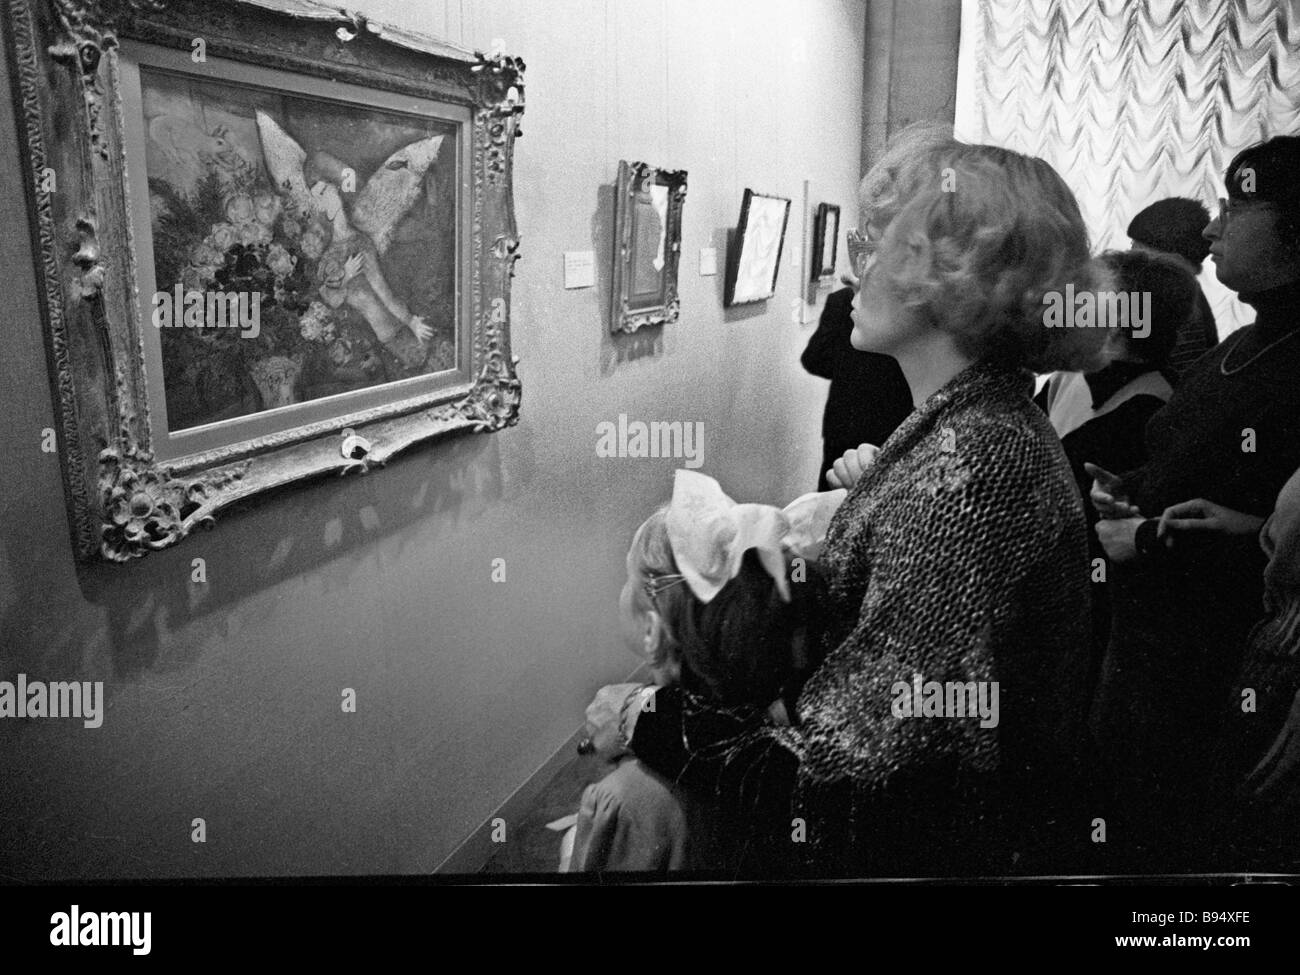 Un visitante de la exposición de la Armand Hammer colección privada de pinturas El Angel Azul de Marc Chagall Foto de stock